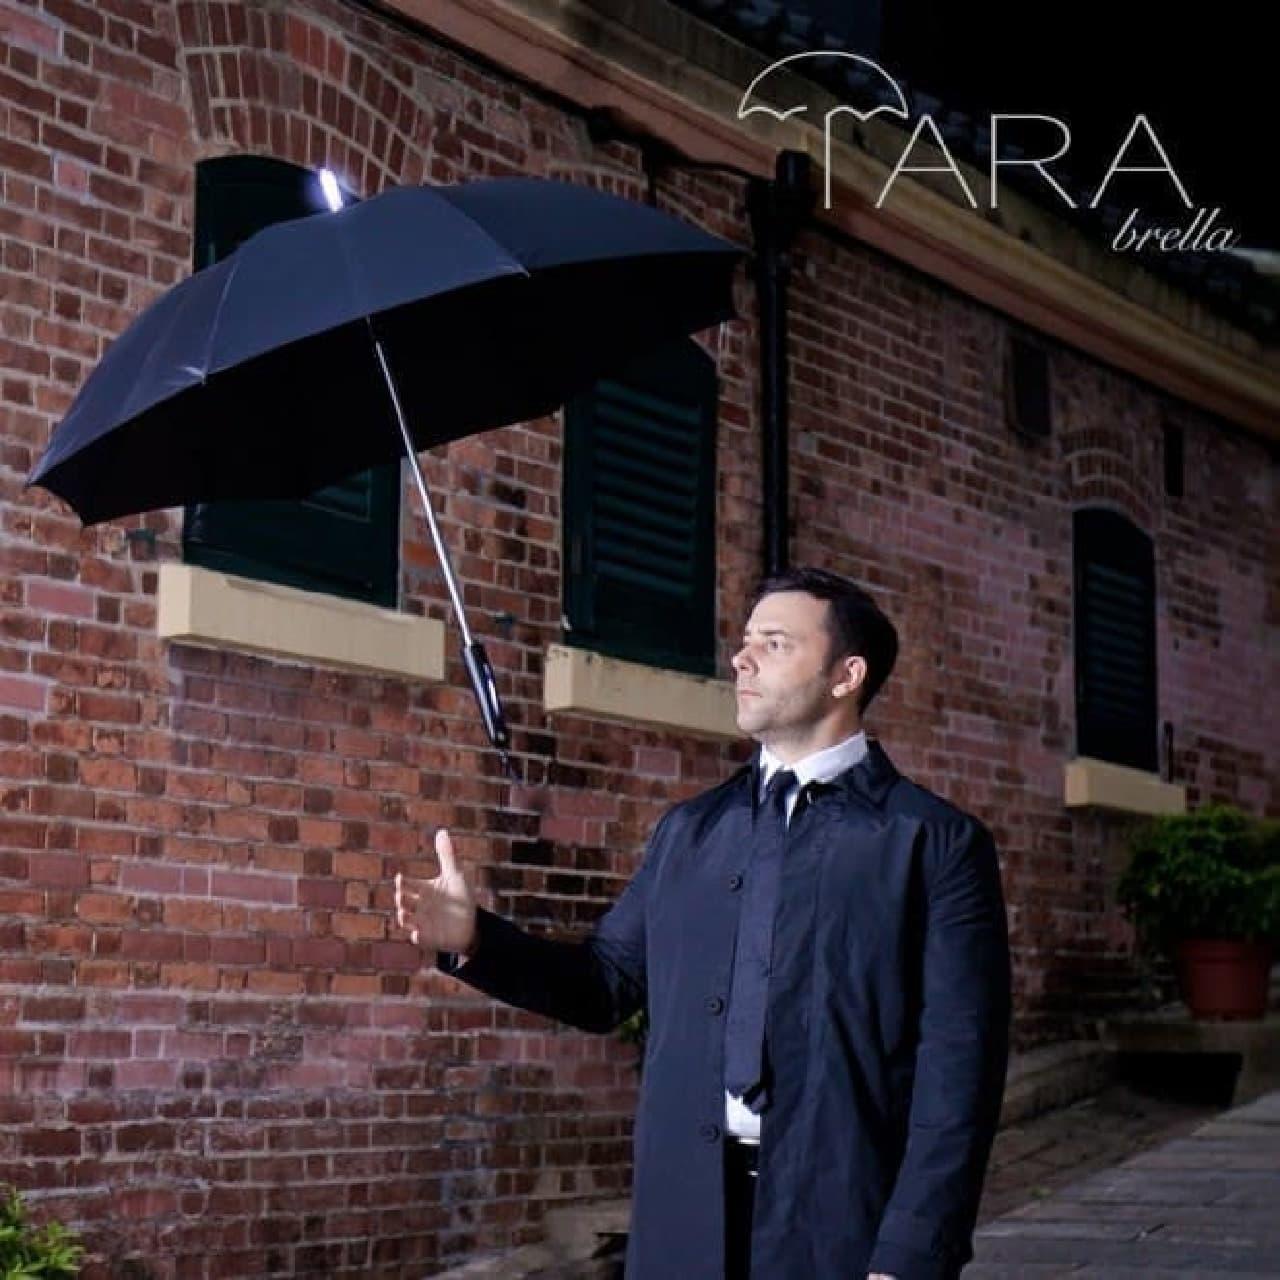 「TARAbrella」プロモーション画像